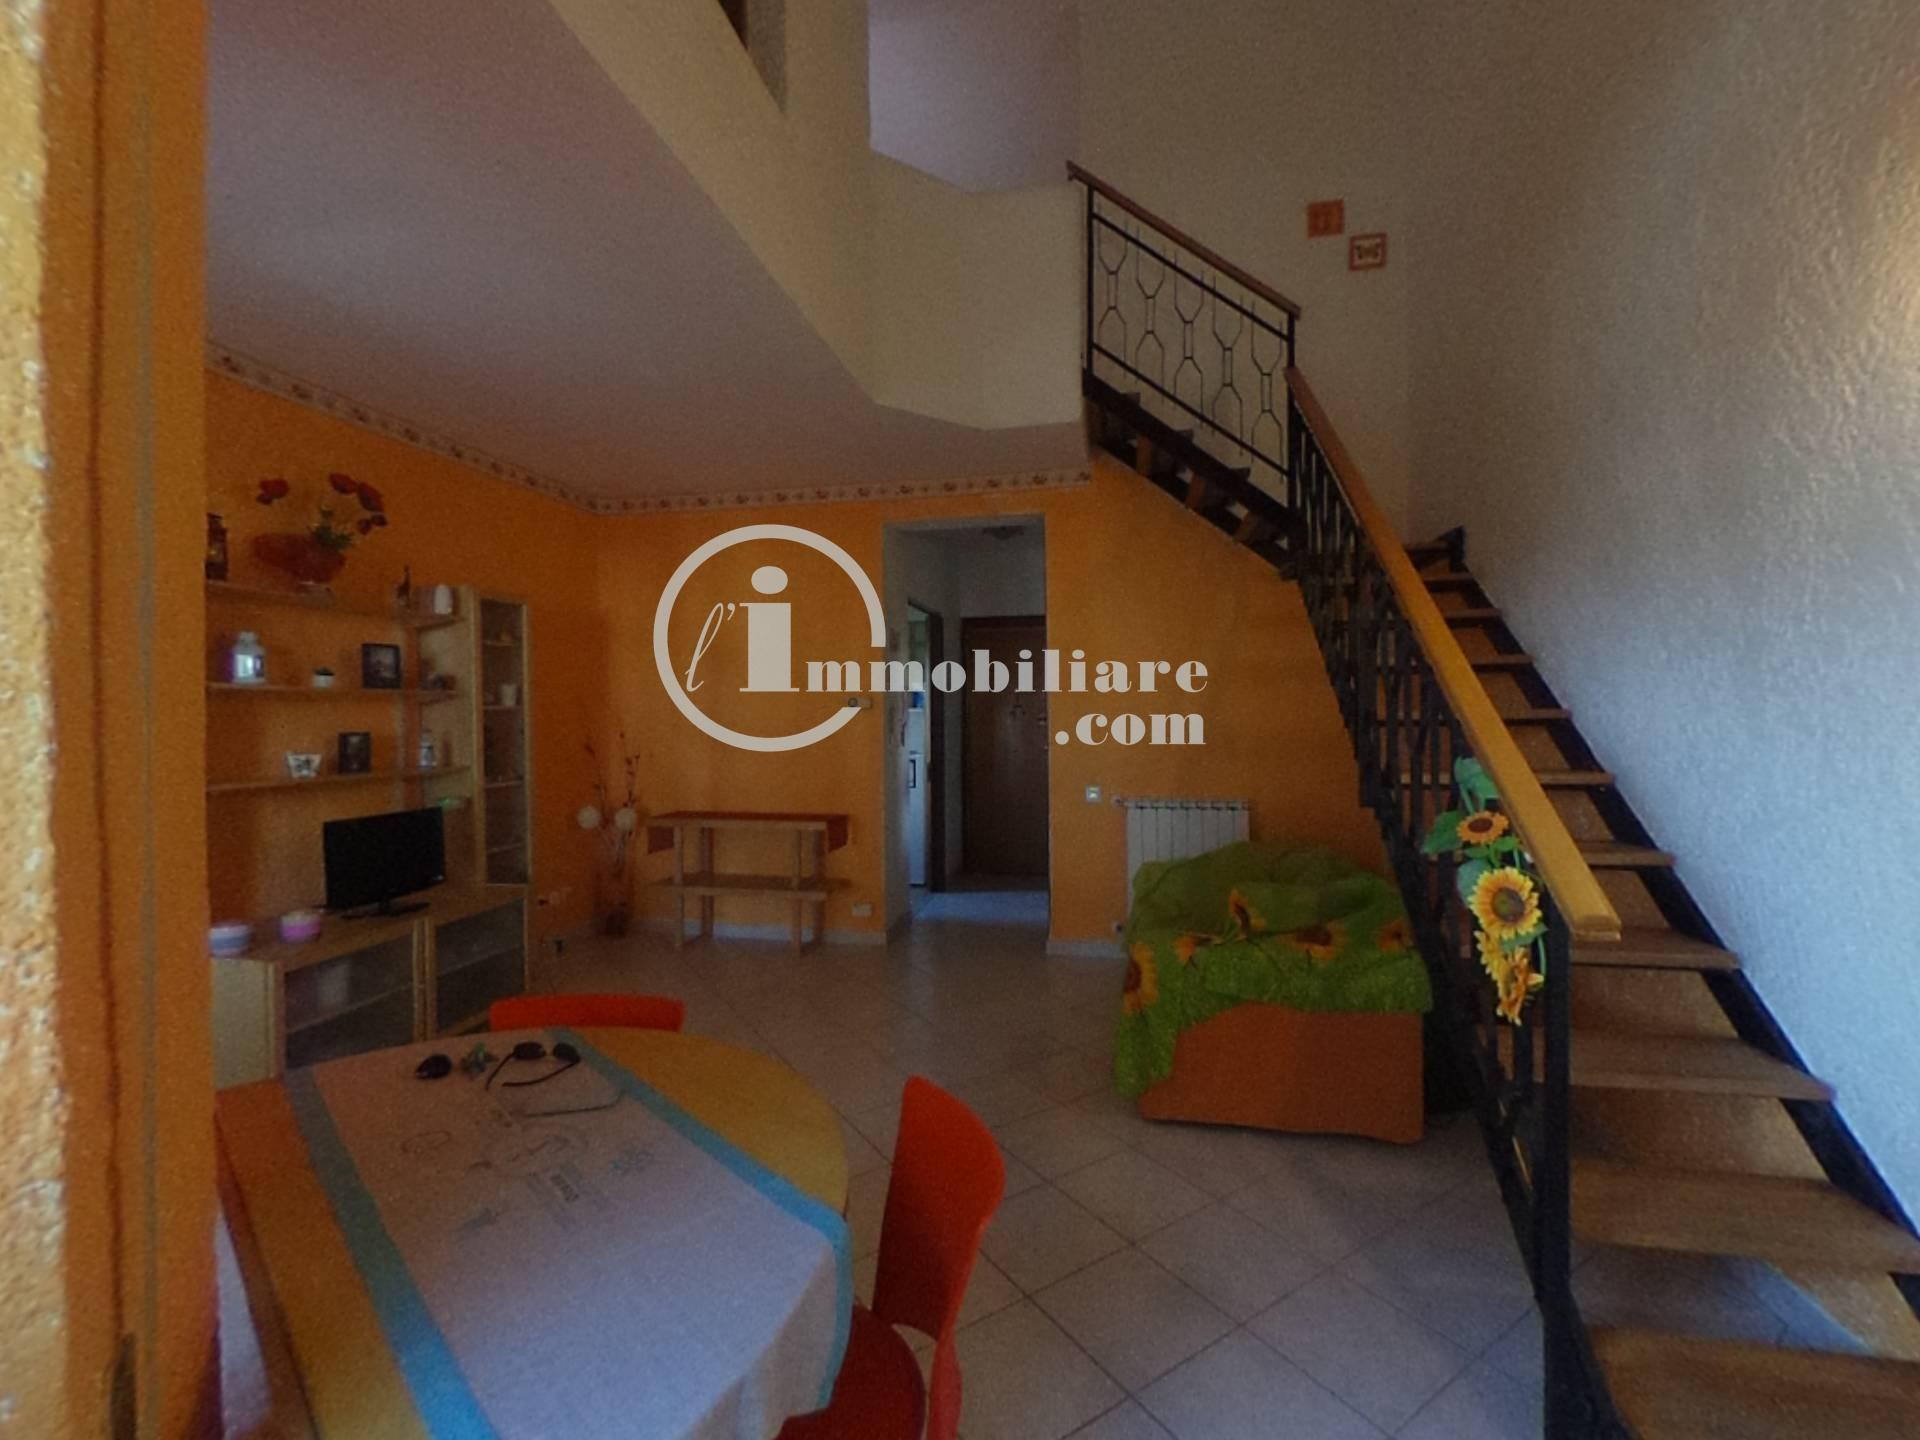 Appartamento in vendita a Cerveteri, 2 locali, zona Zona: Cerenova, prezzo € 87.000 | CambioCasa.it